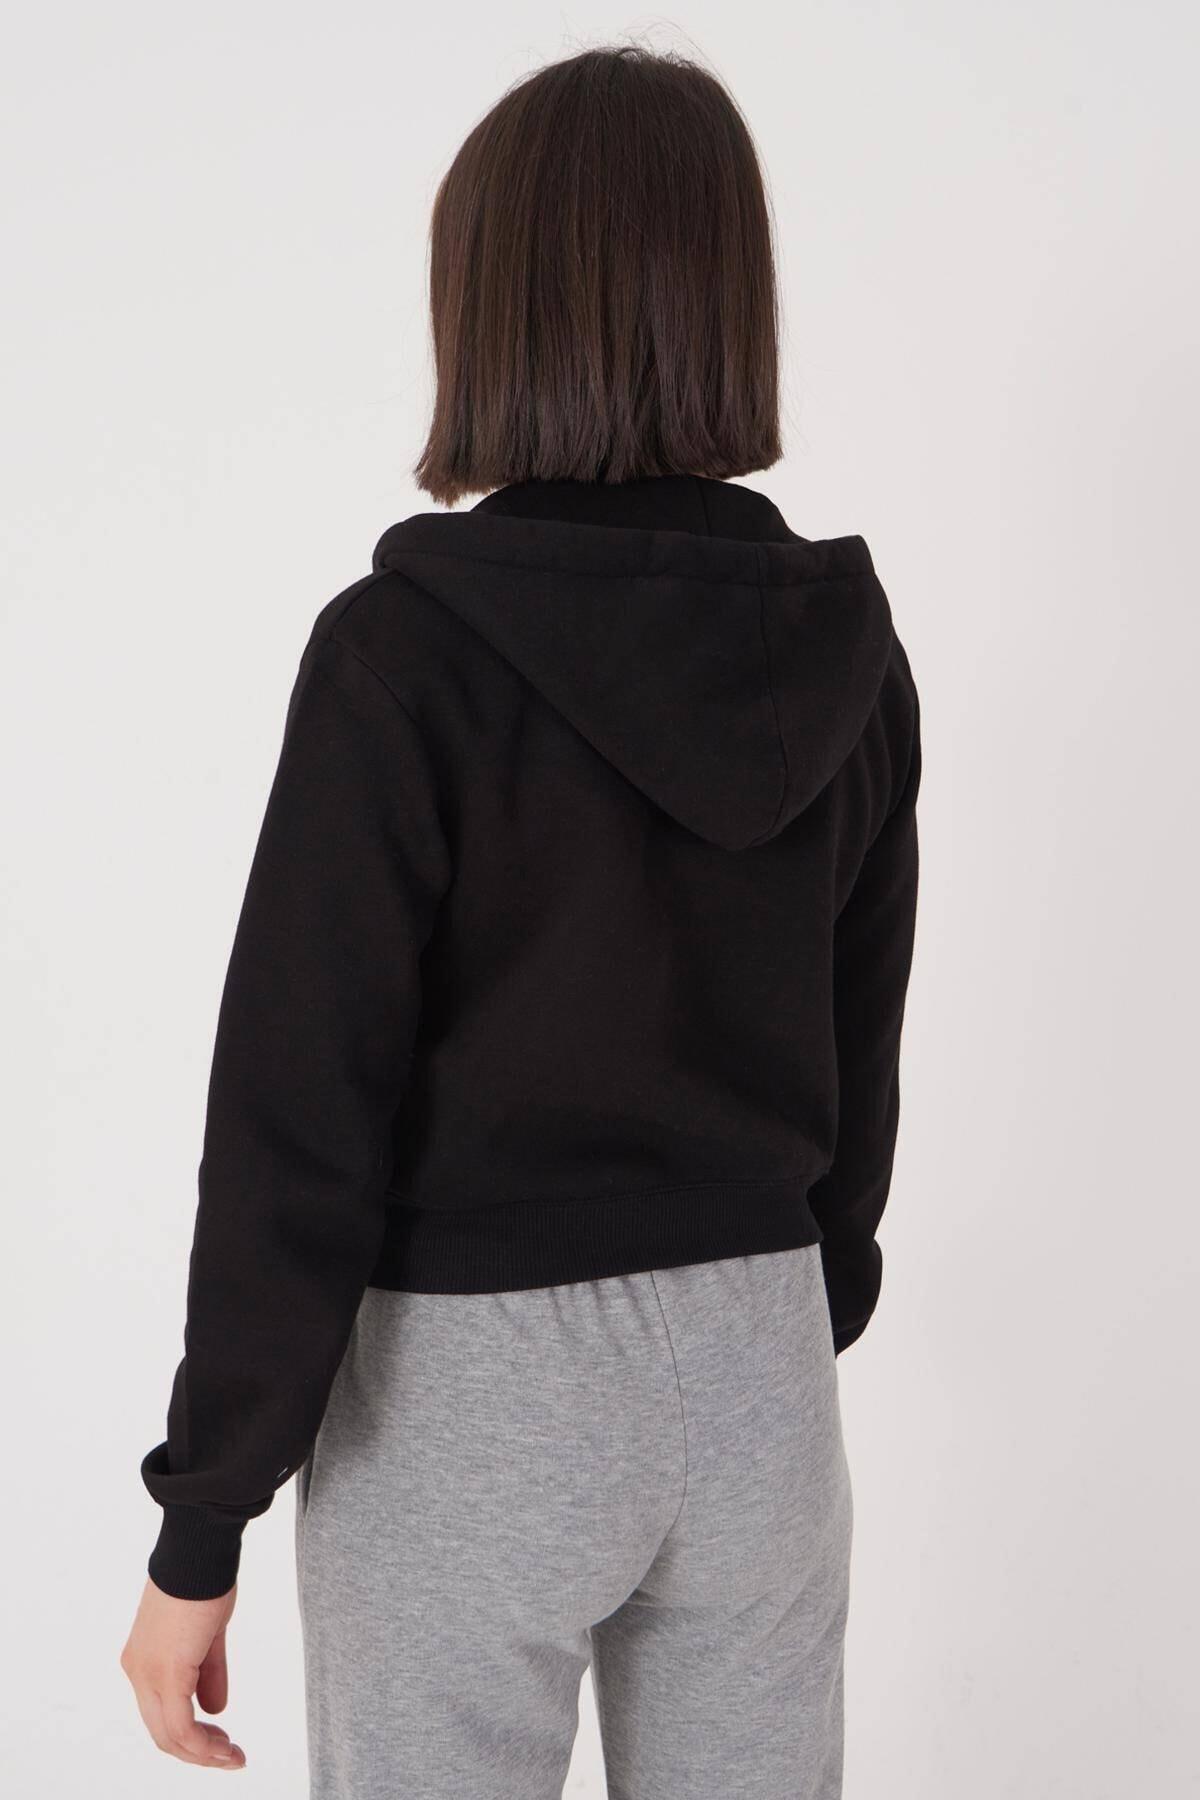 Addax Kadın Siyah Kapüşonlu Hırka H0768 - J9J10 Adx-0000020944 3